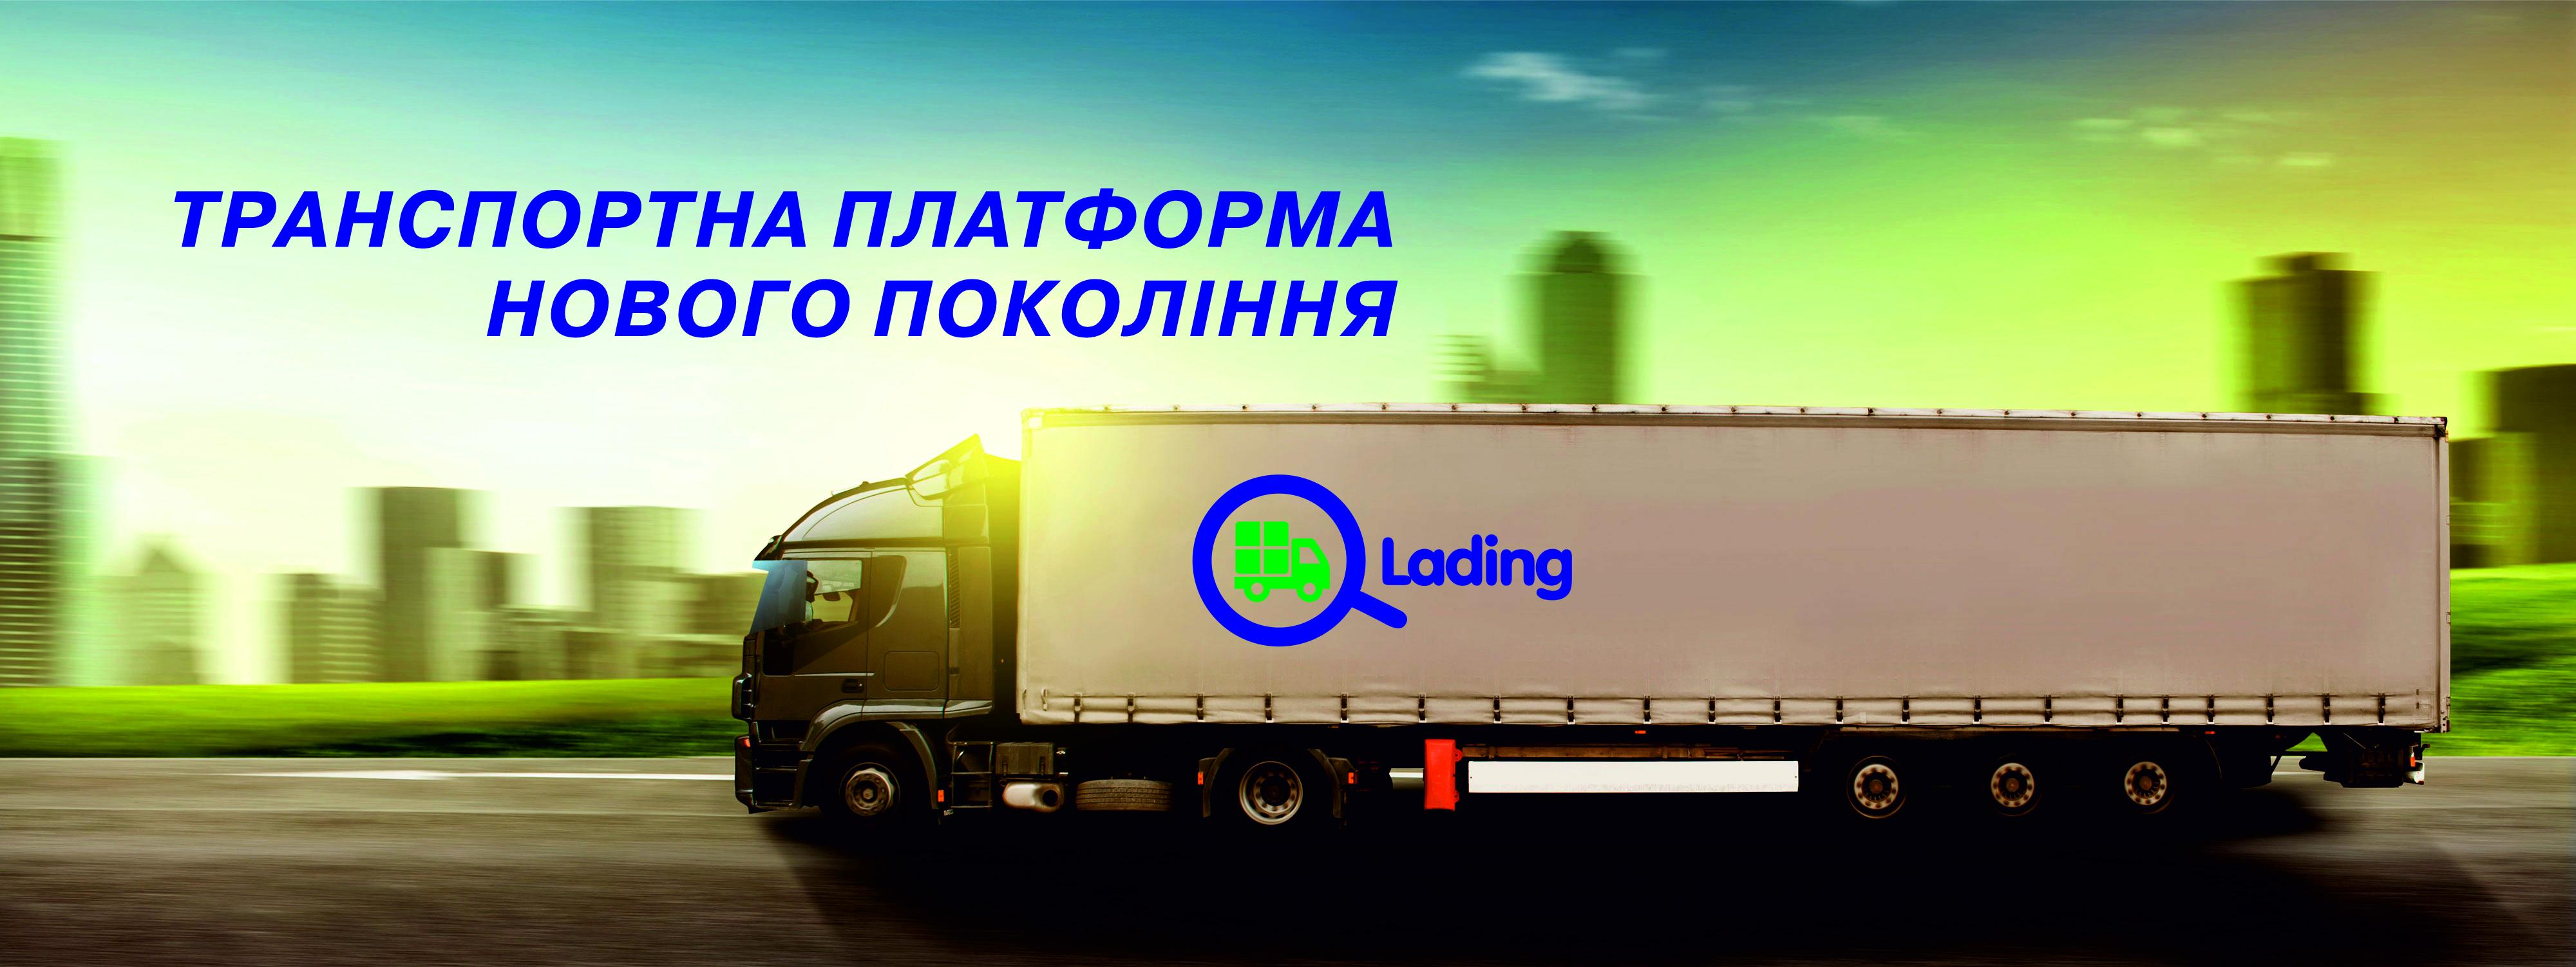 Актуальні вакансії від Lading.eu